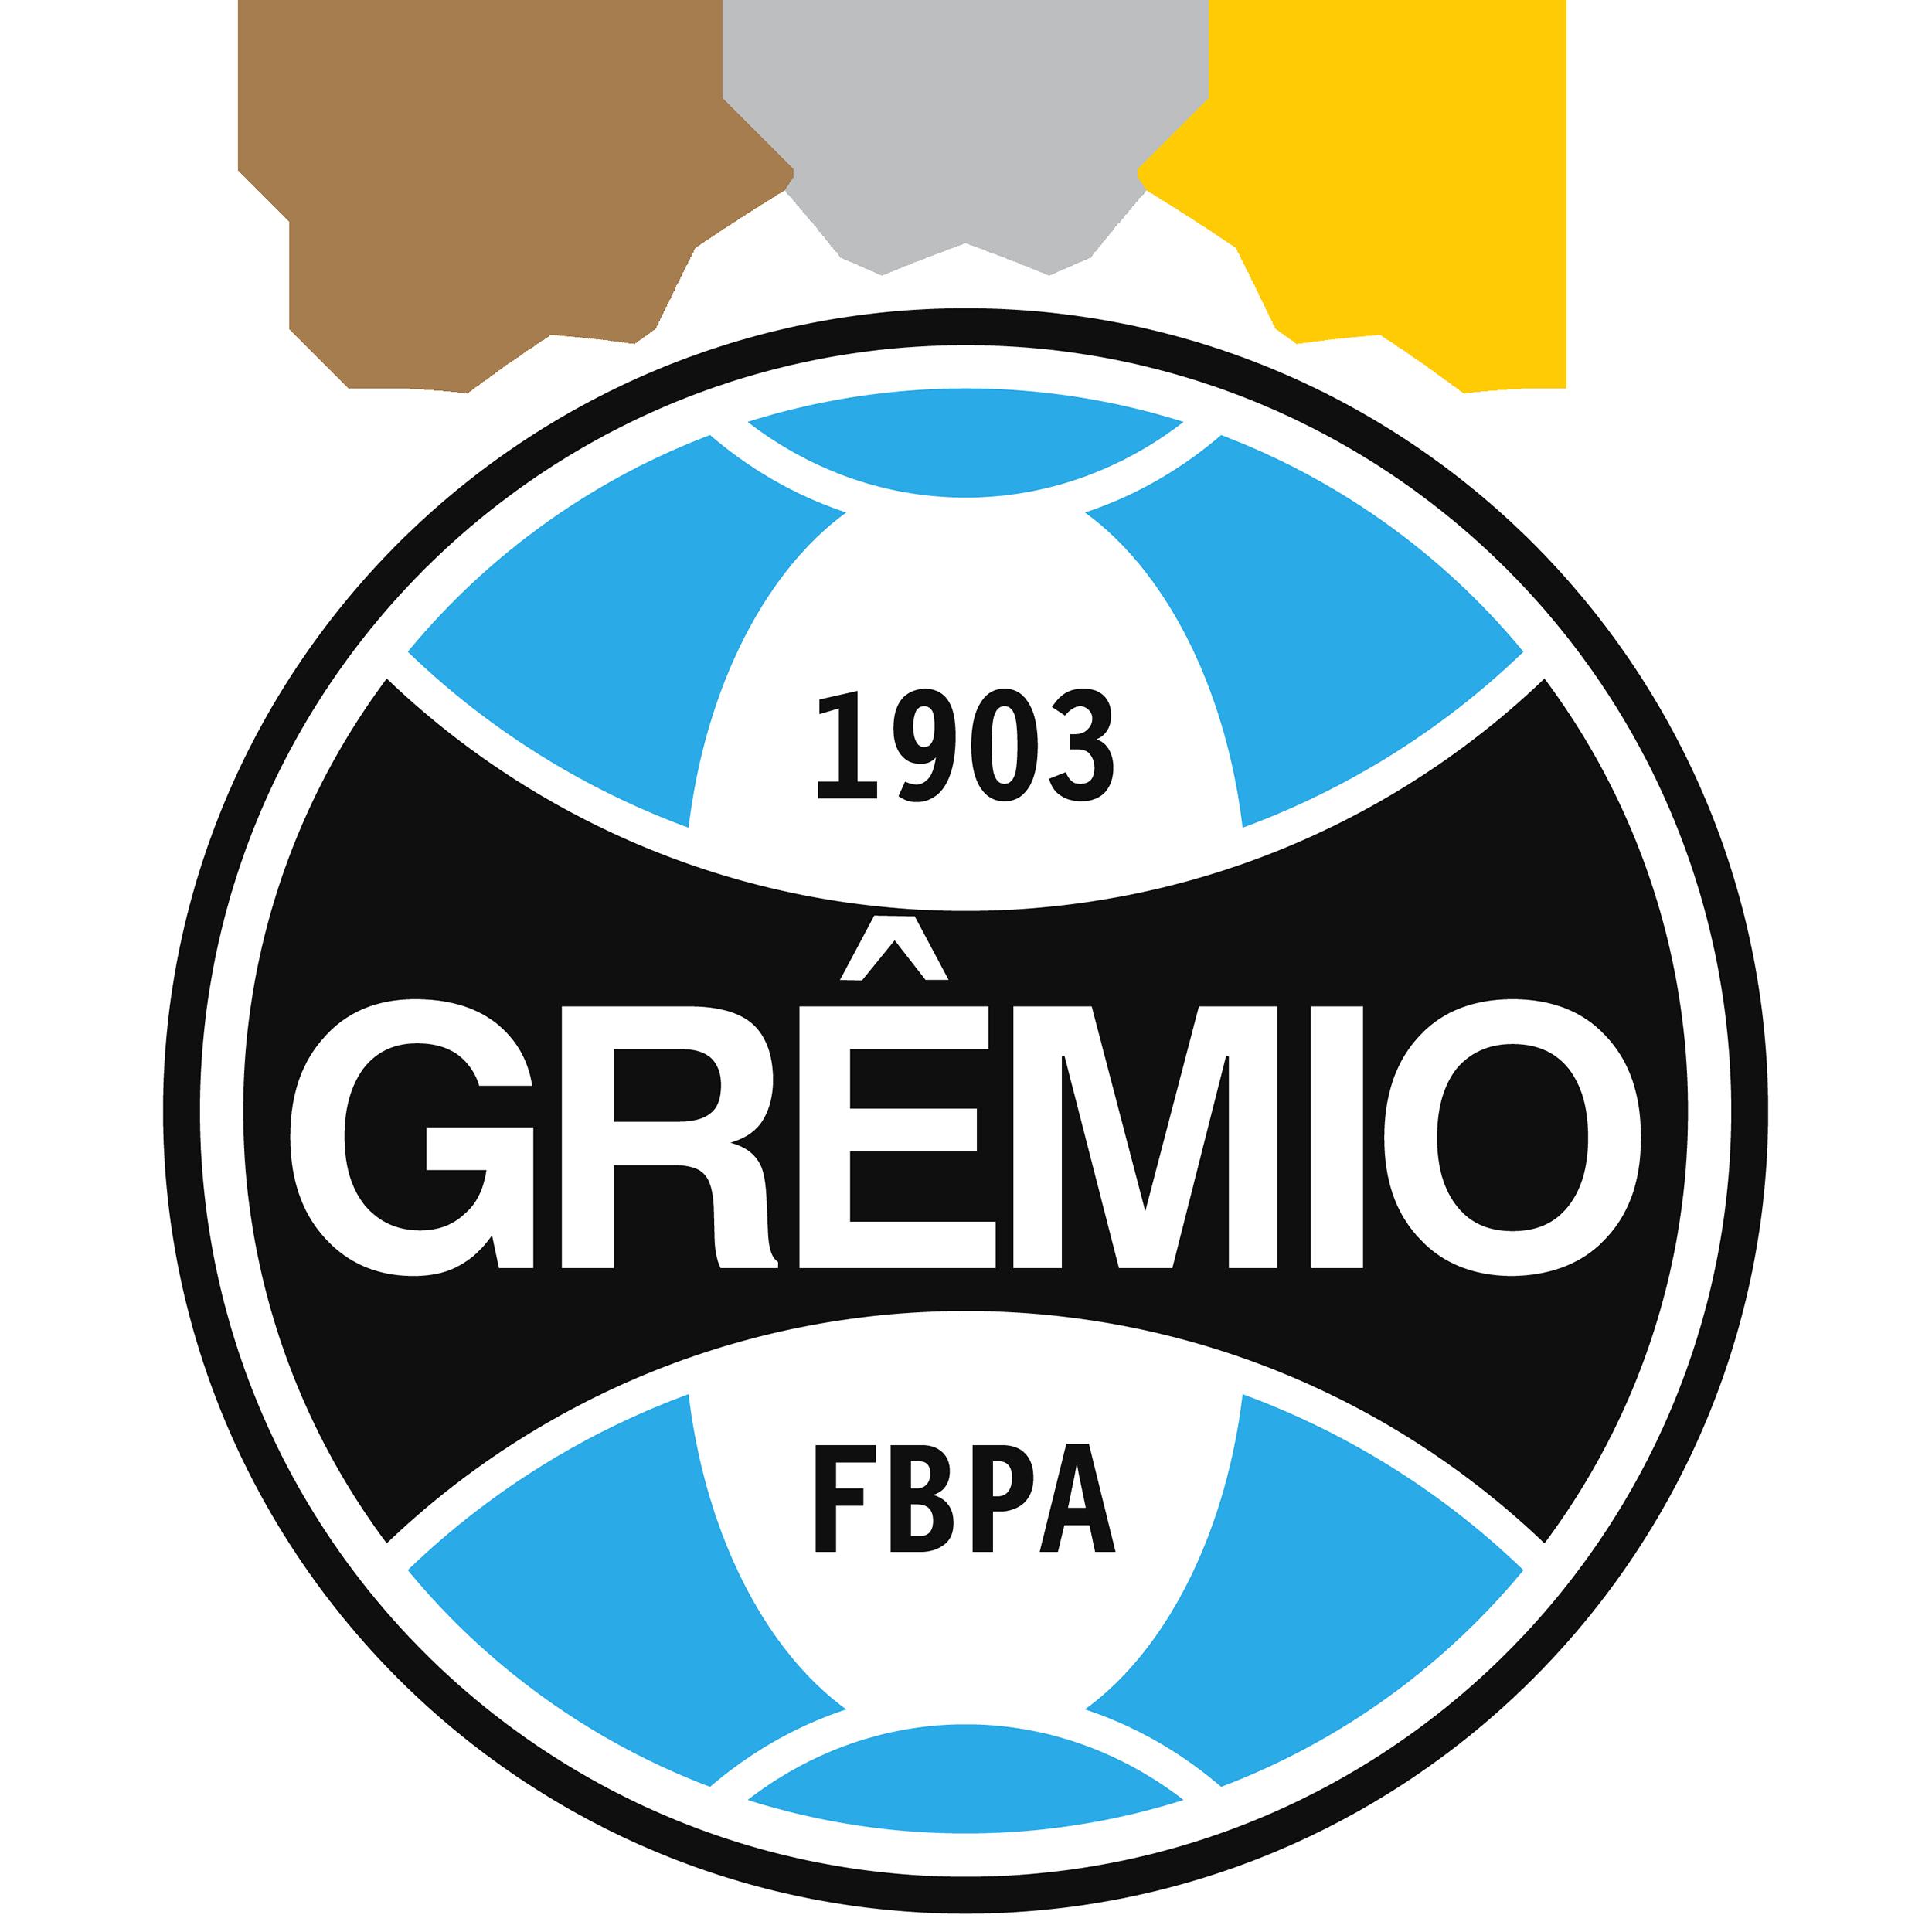 Places Gremio